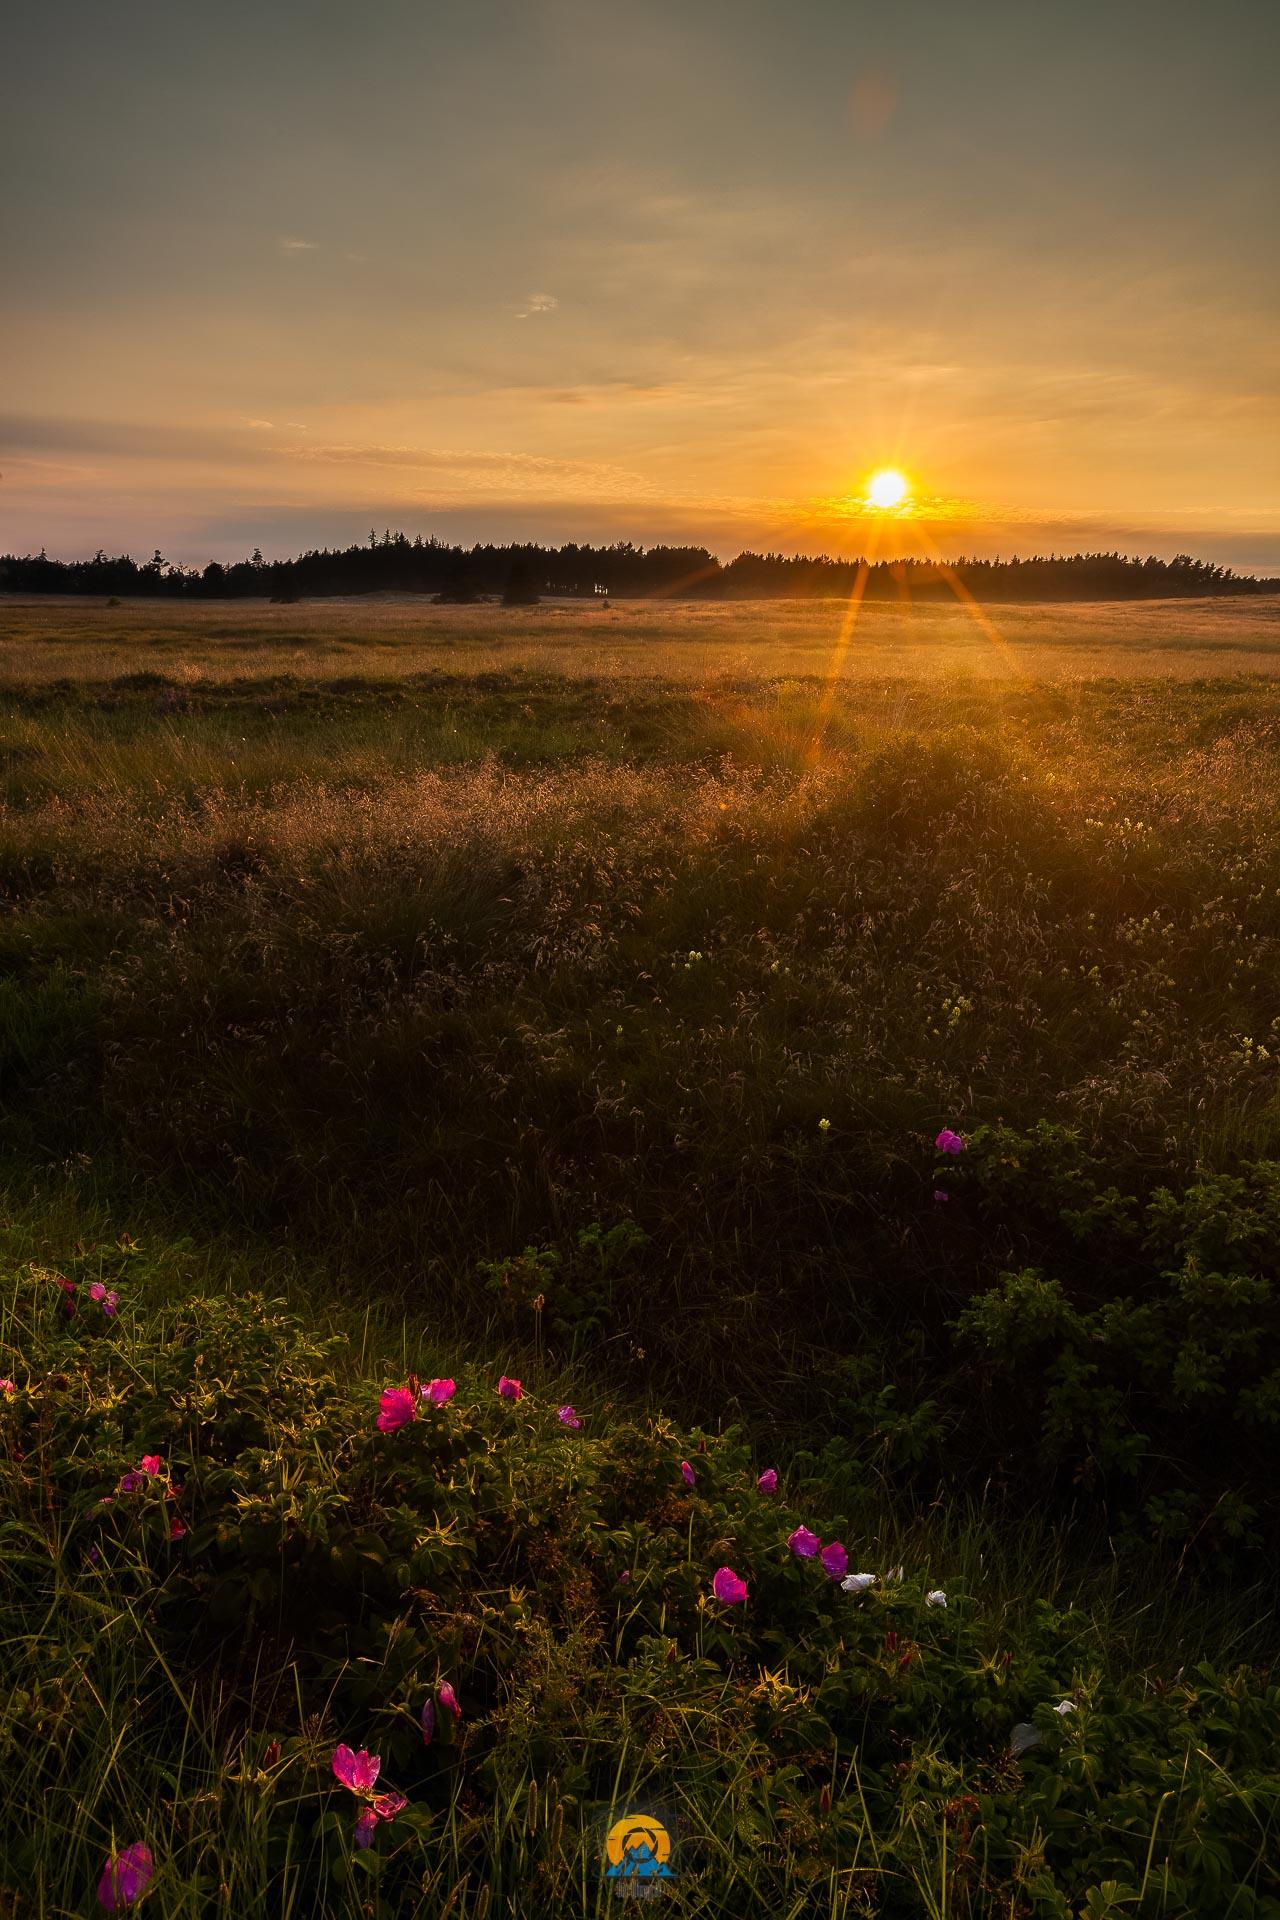 Dänemark Sonnenuntergang Neben Straße.jpg